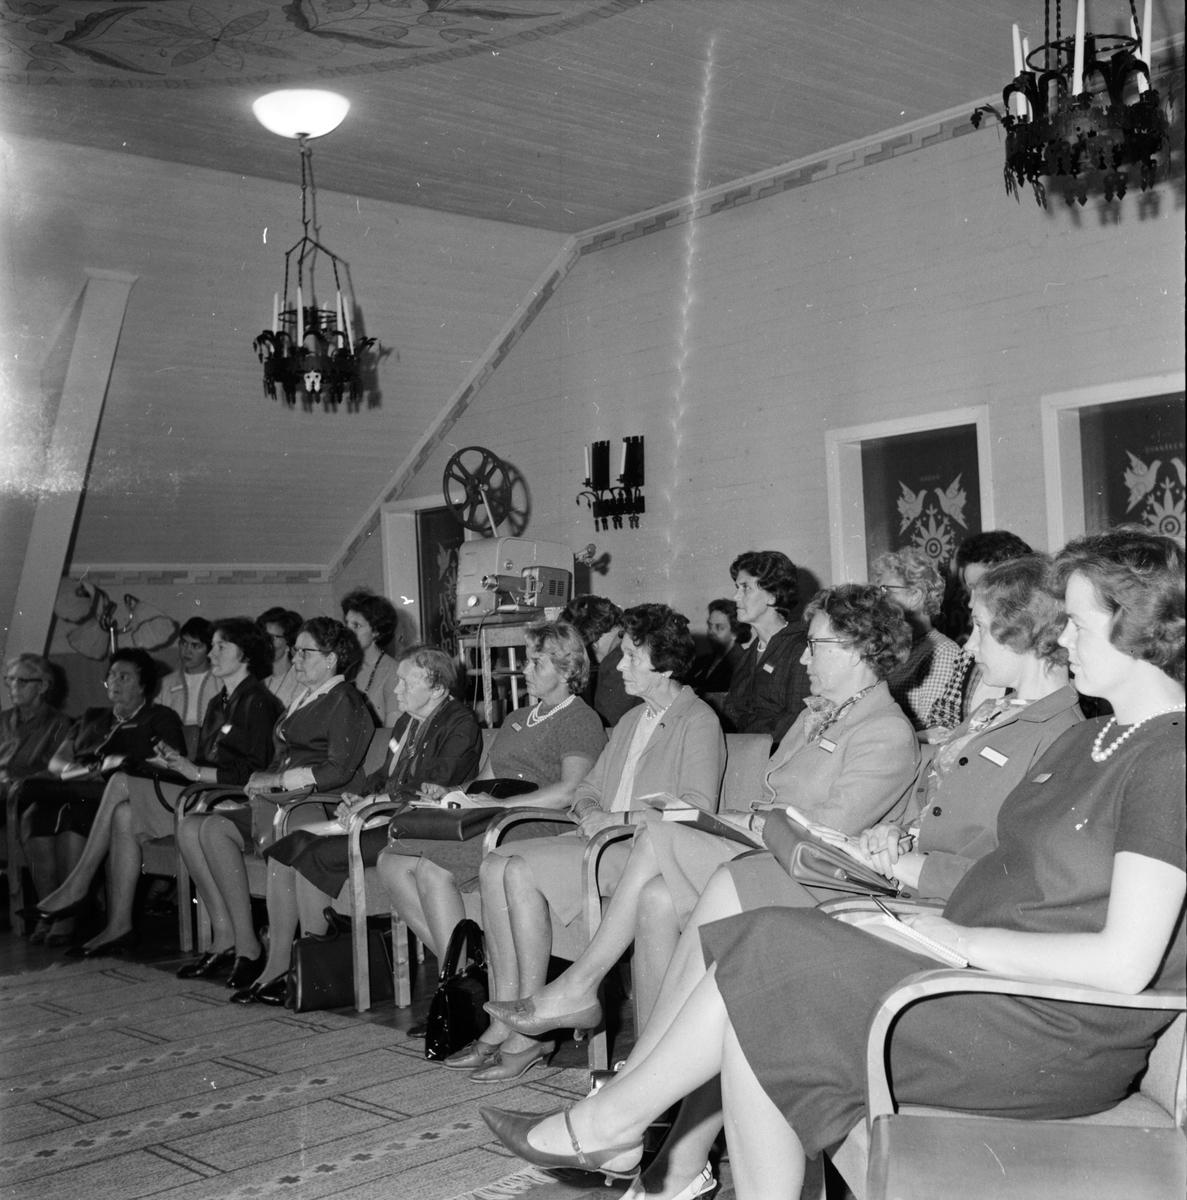 Undersviks Stiftsgård, Konstkurs, Konstnär Karlström, 2-3 Oktober 1965